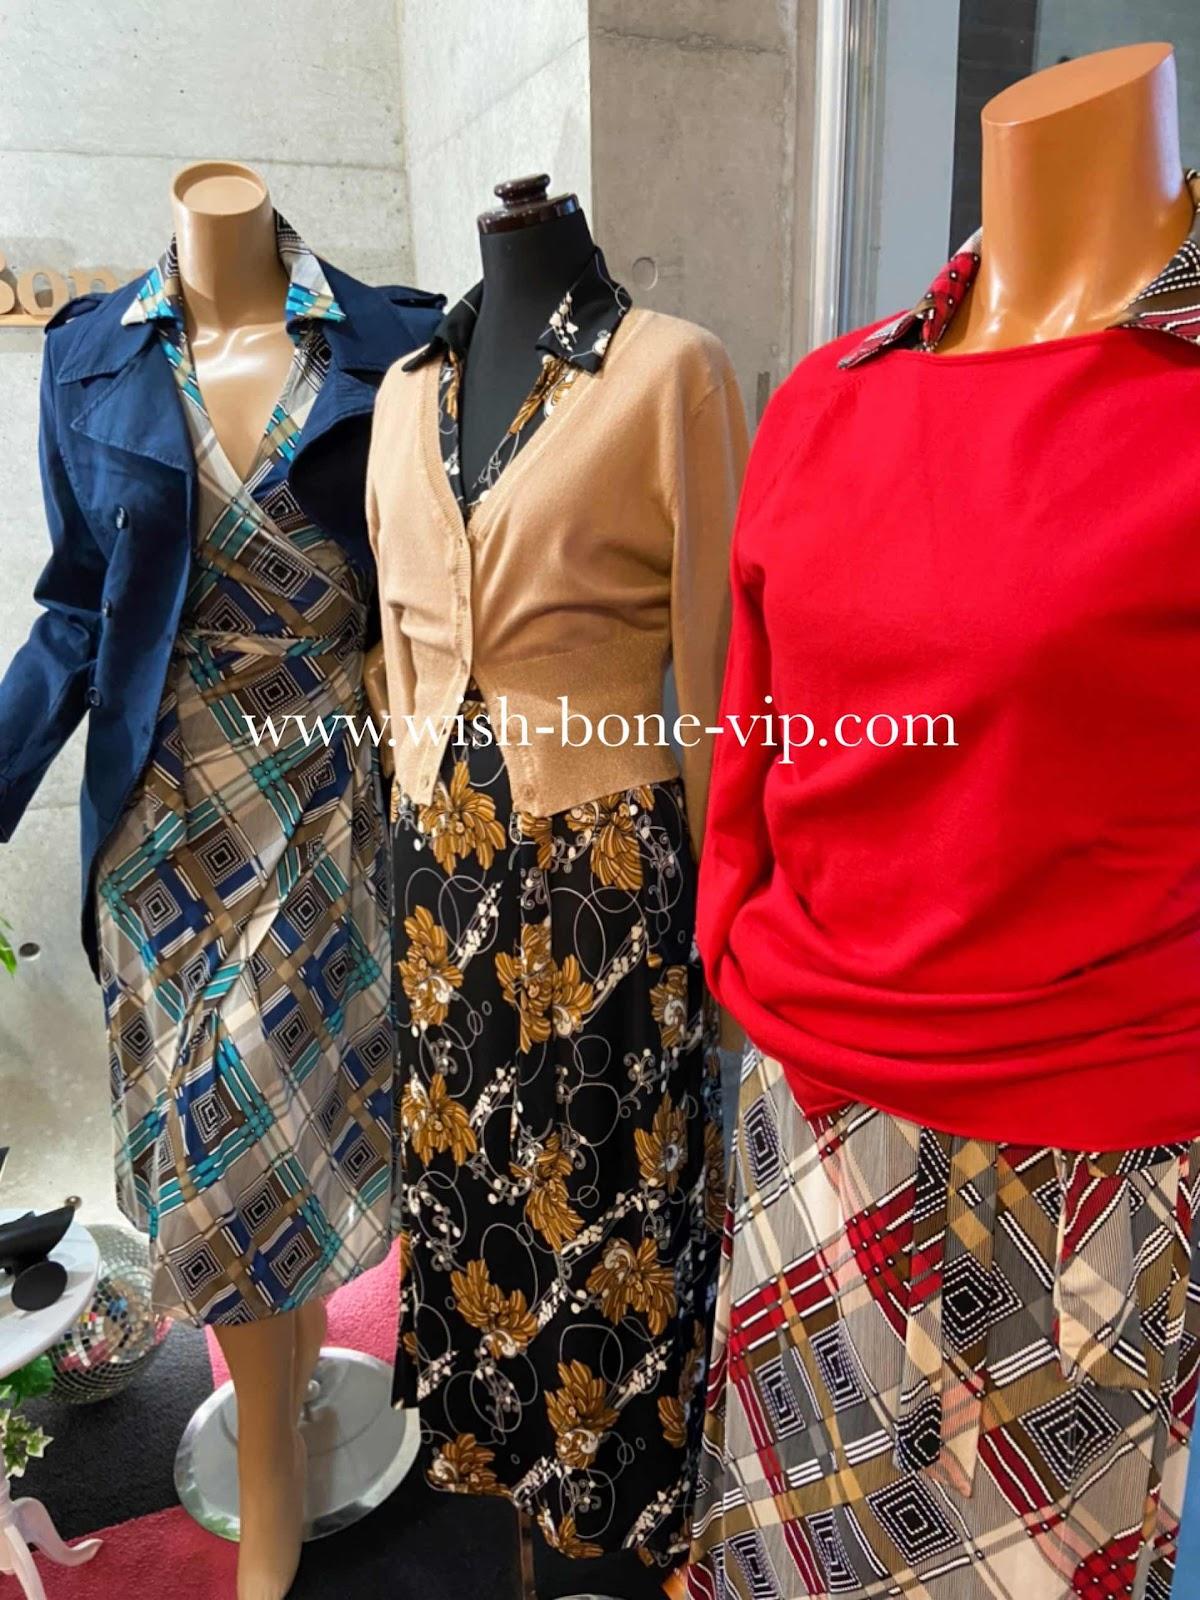 インポートファッション春のコーディネート